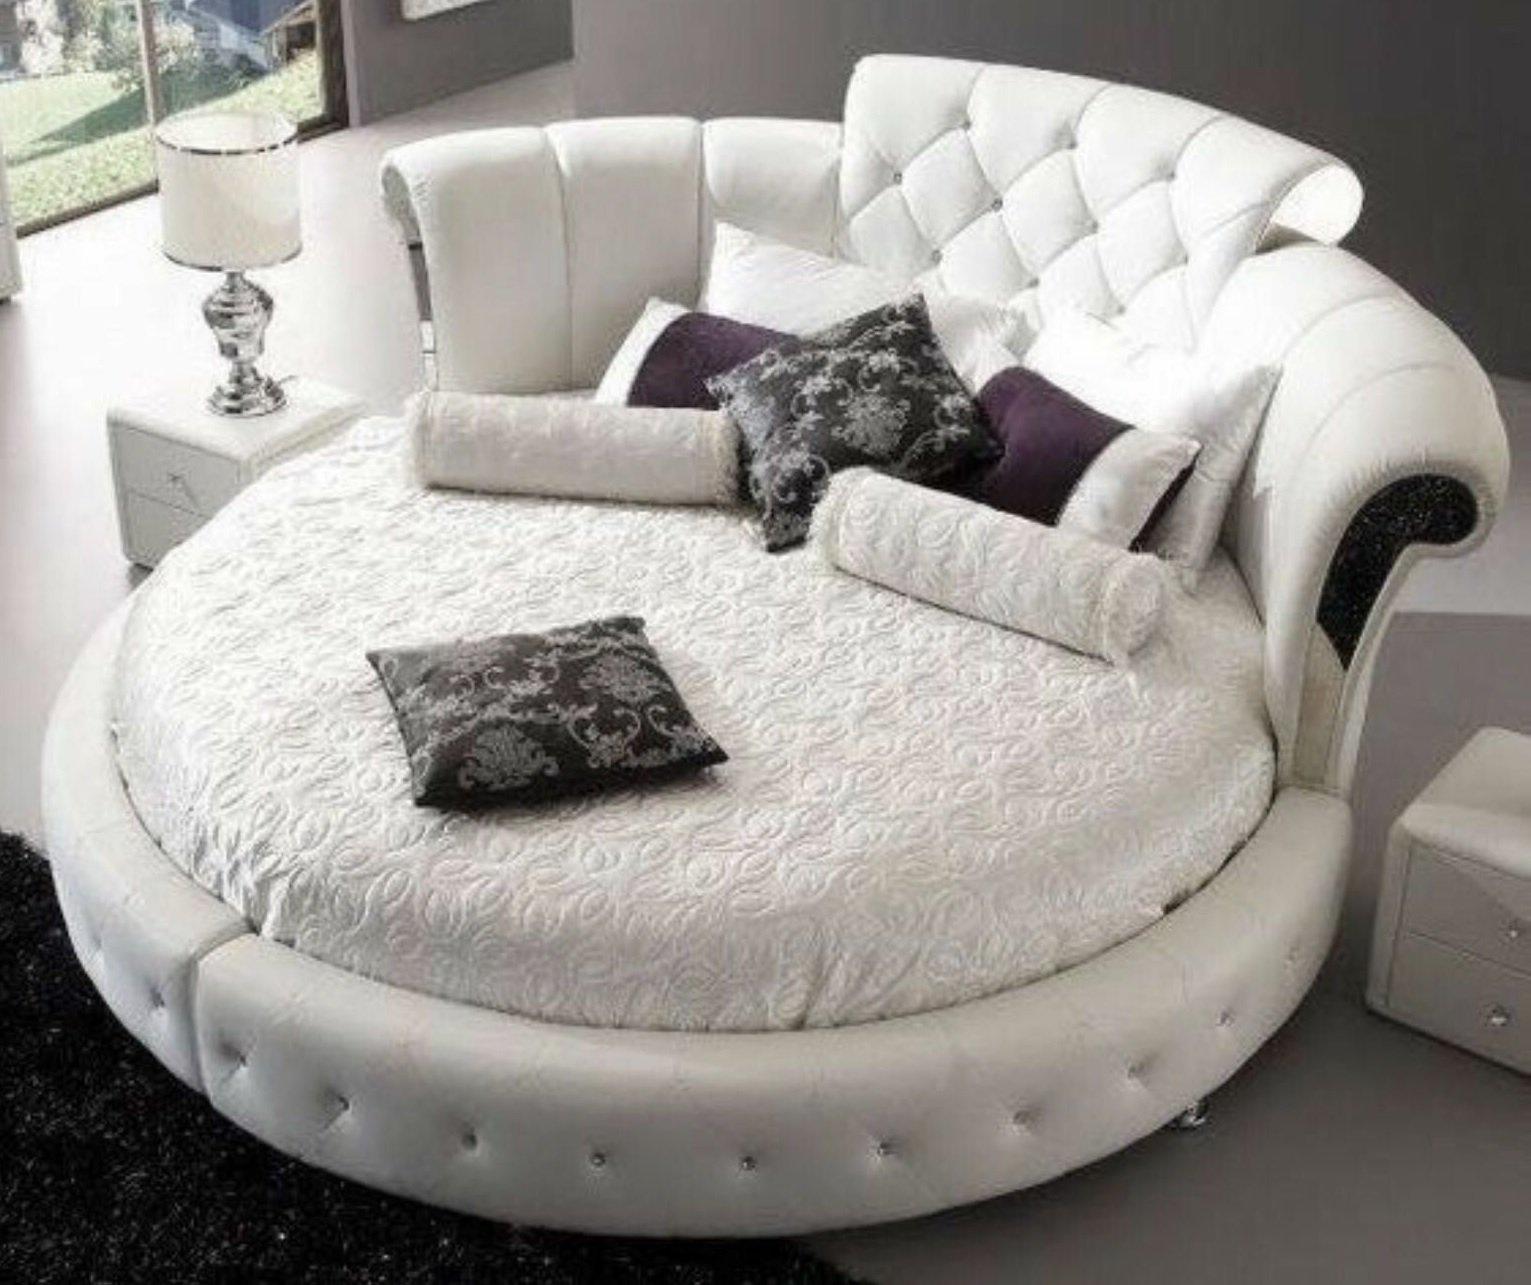 Top 10 Brands to Buy Beds Online & Instore